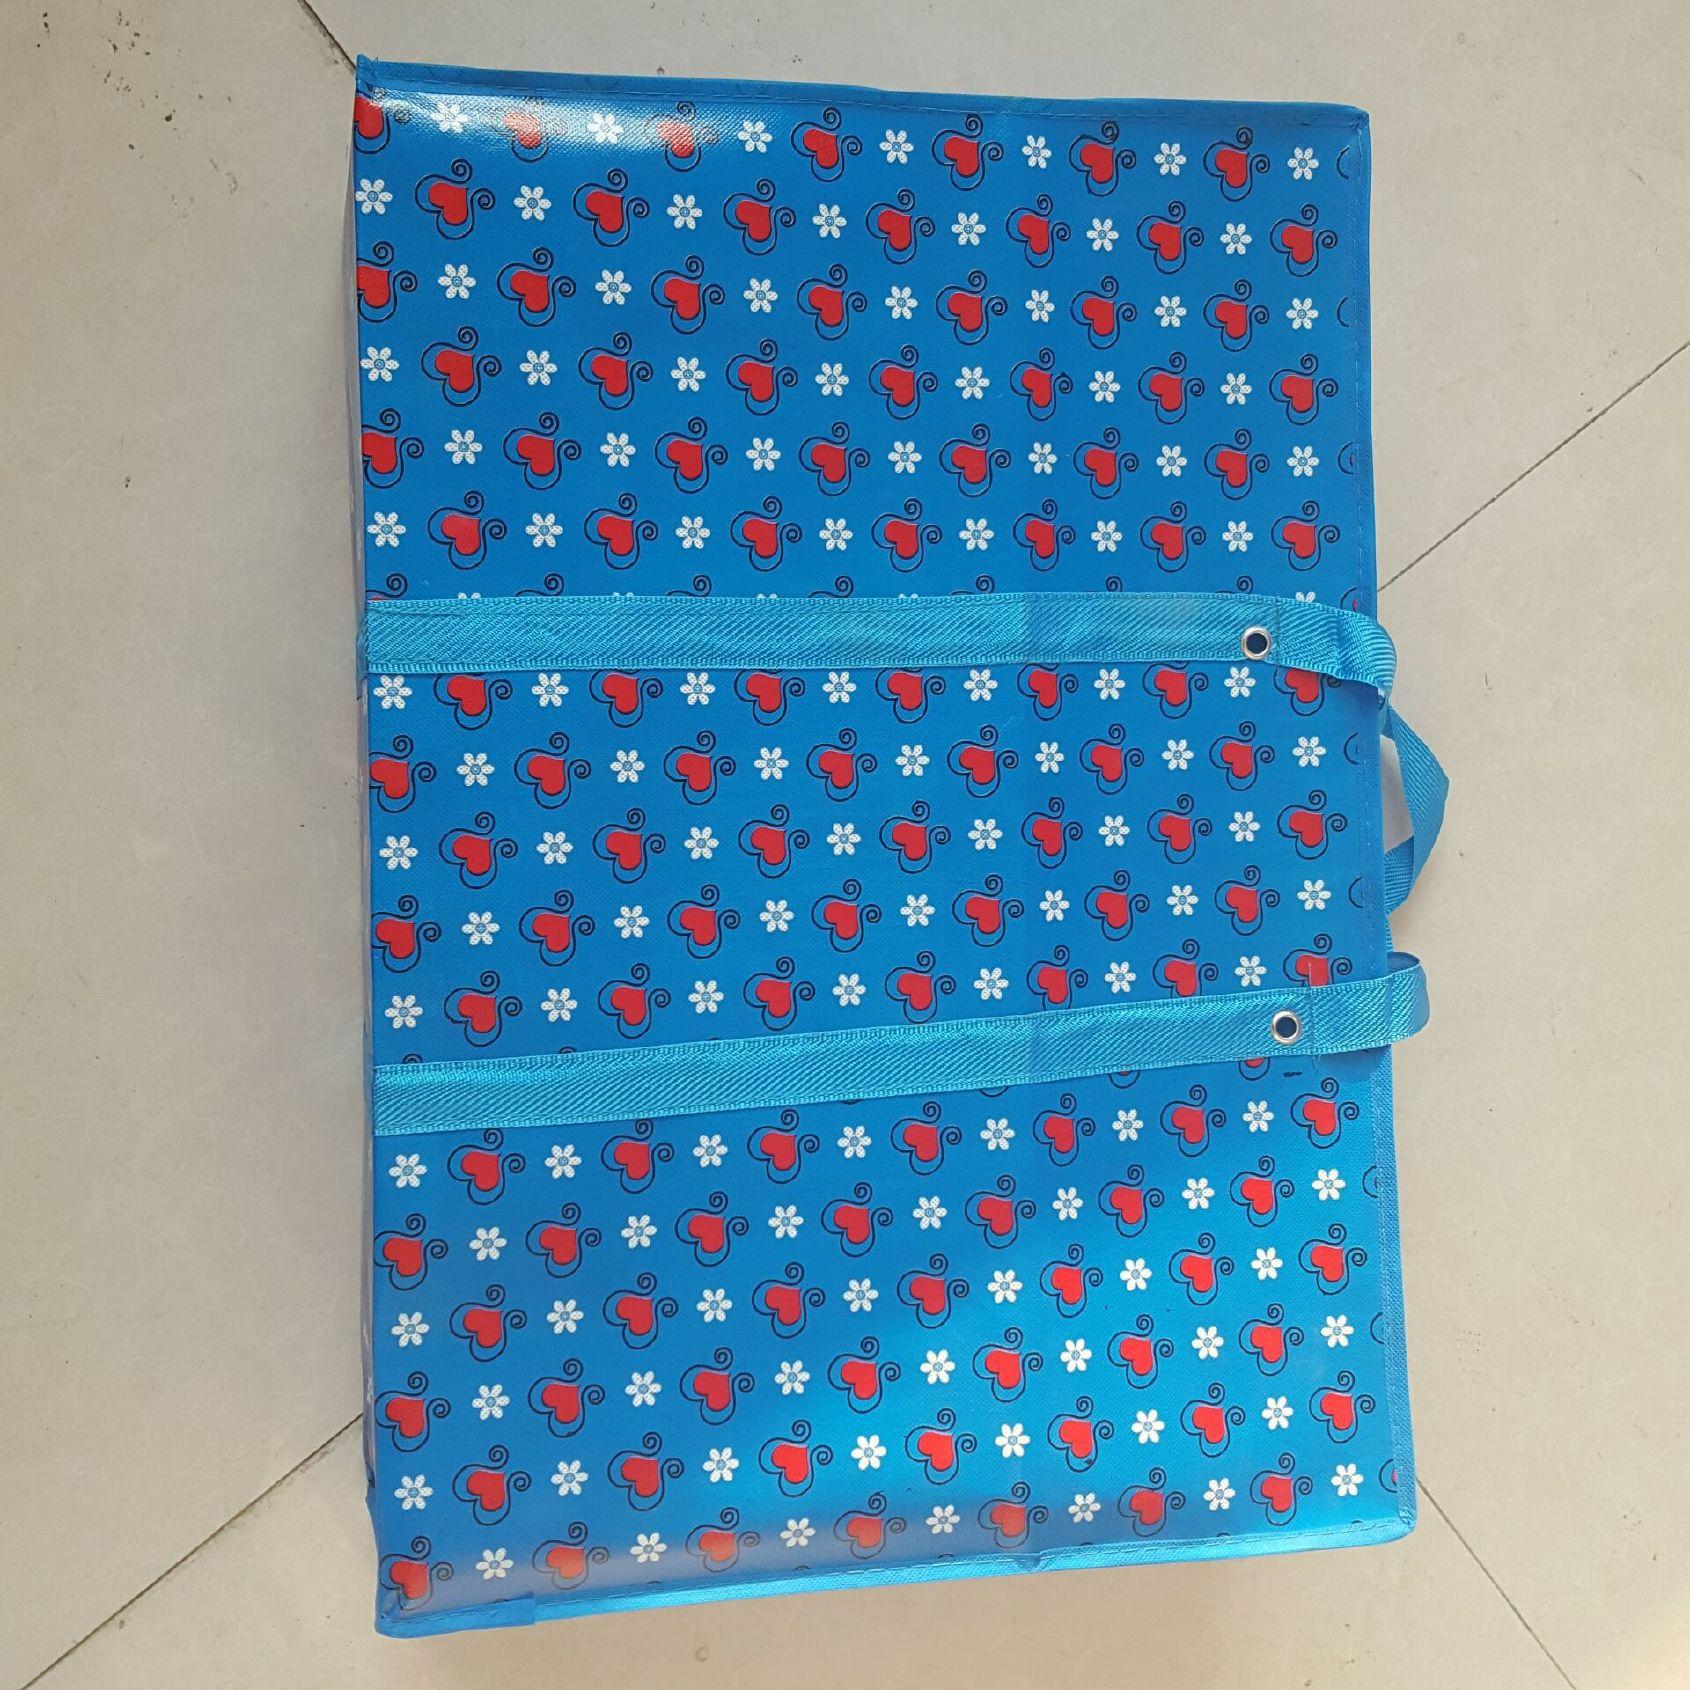 塑料薄膜彩印_【批发覆膜防水80大号加厚编织袋卡通搬家打包PP彩印塑料蛇皮